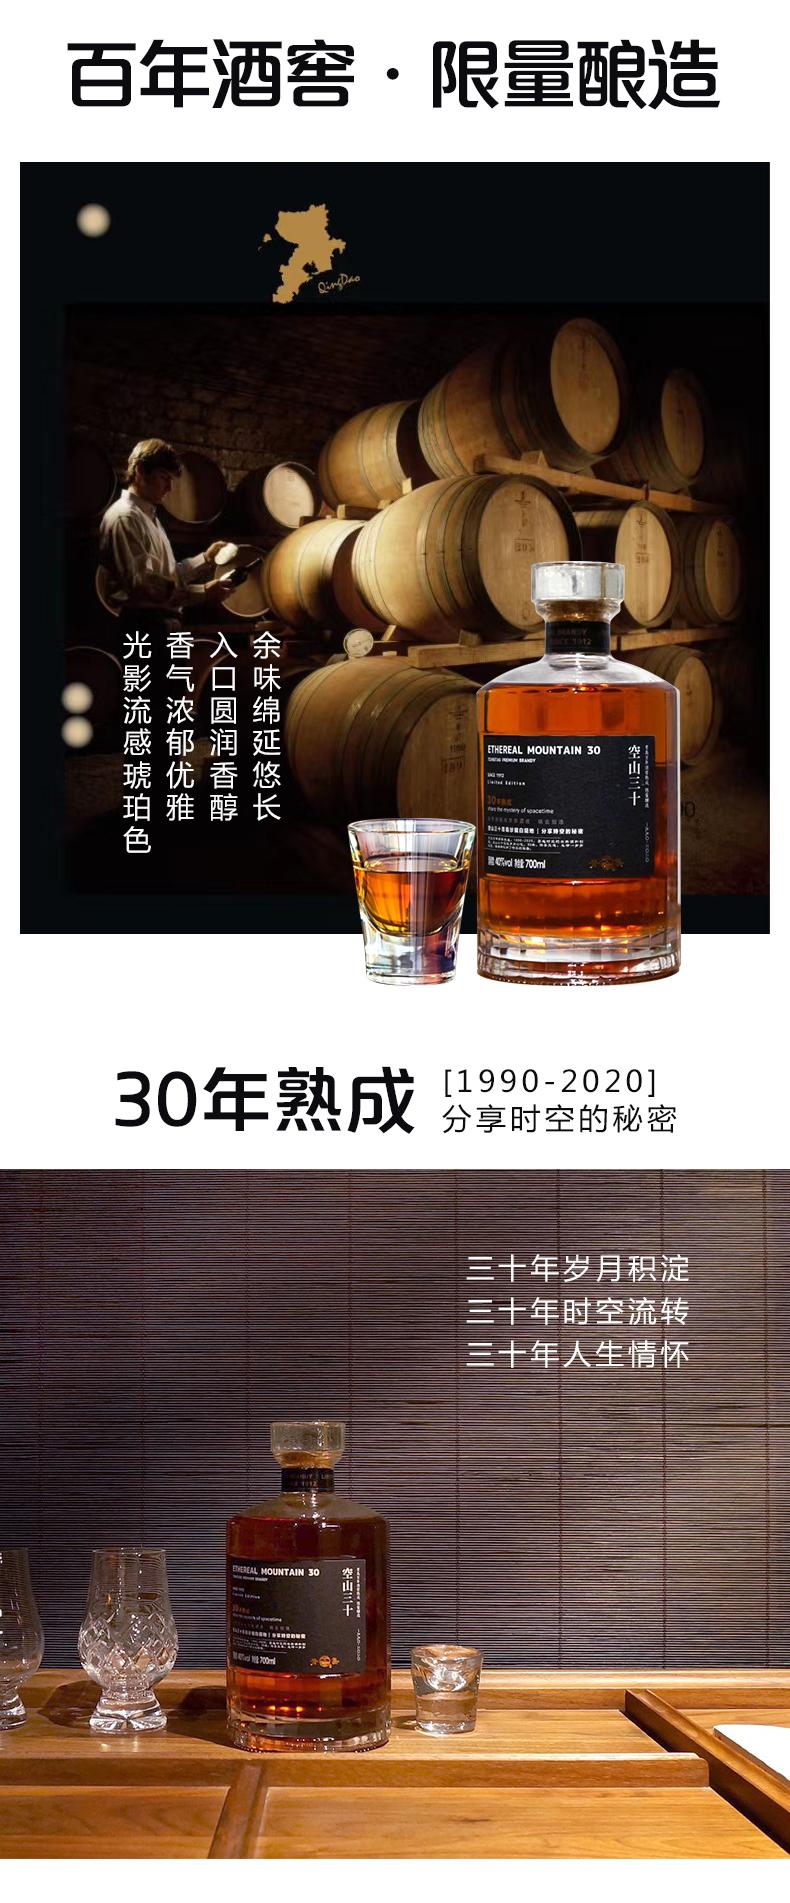 【送礼佳品】【2瓶】空山三十 青岛珍藏白兰地 700ml 酒精度40%vol 聚会小酌宴席收藏馈赠